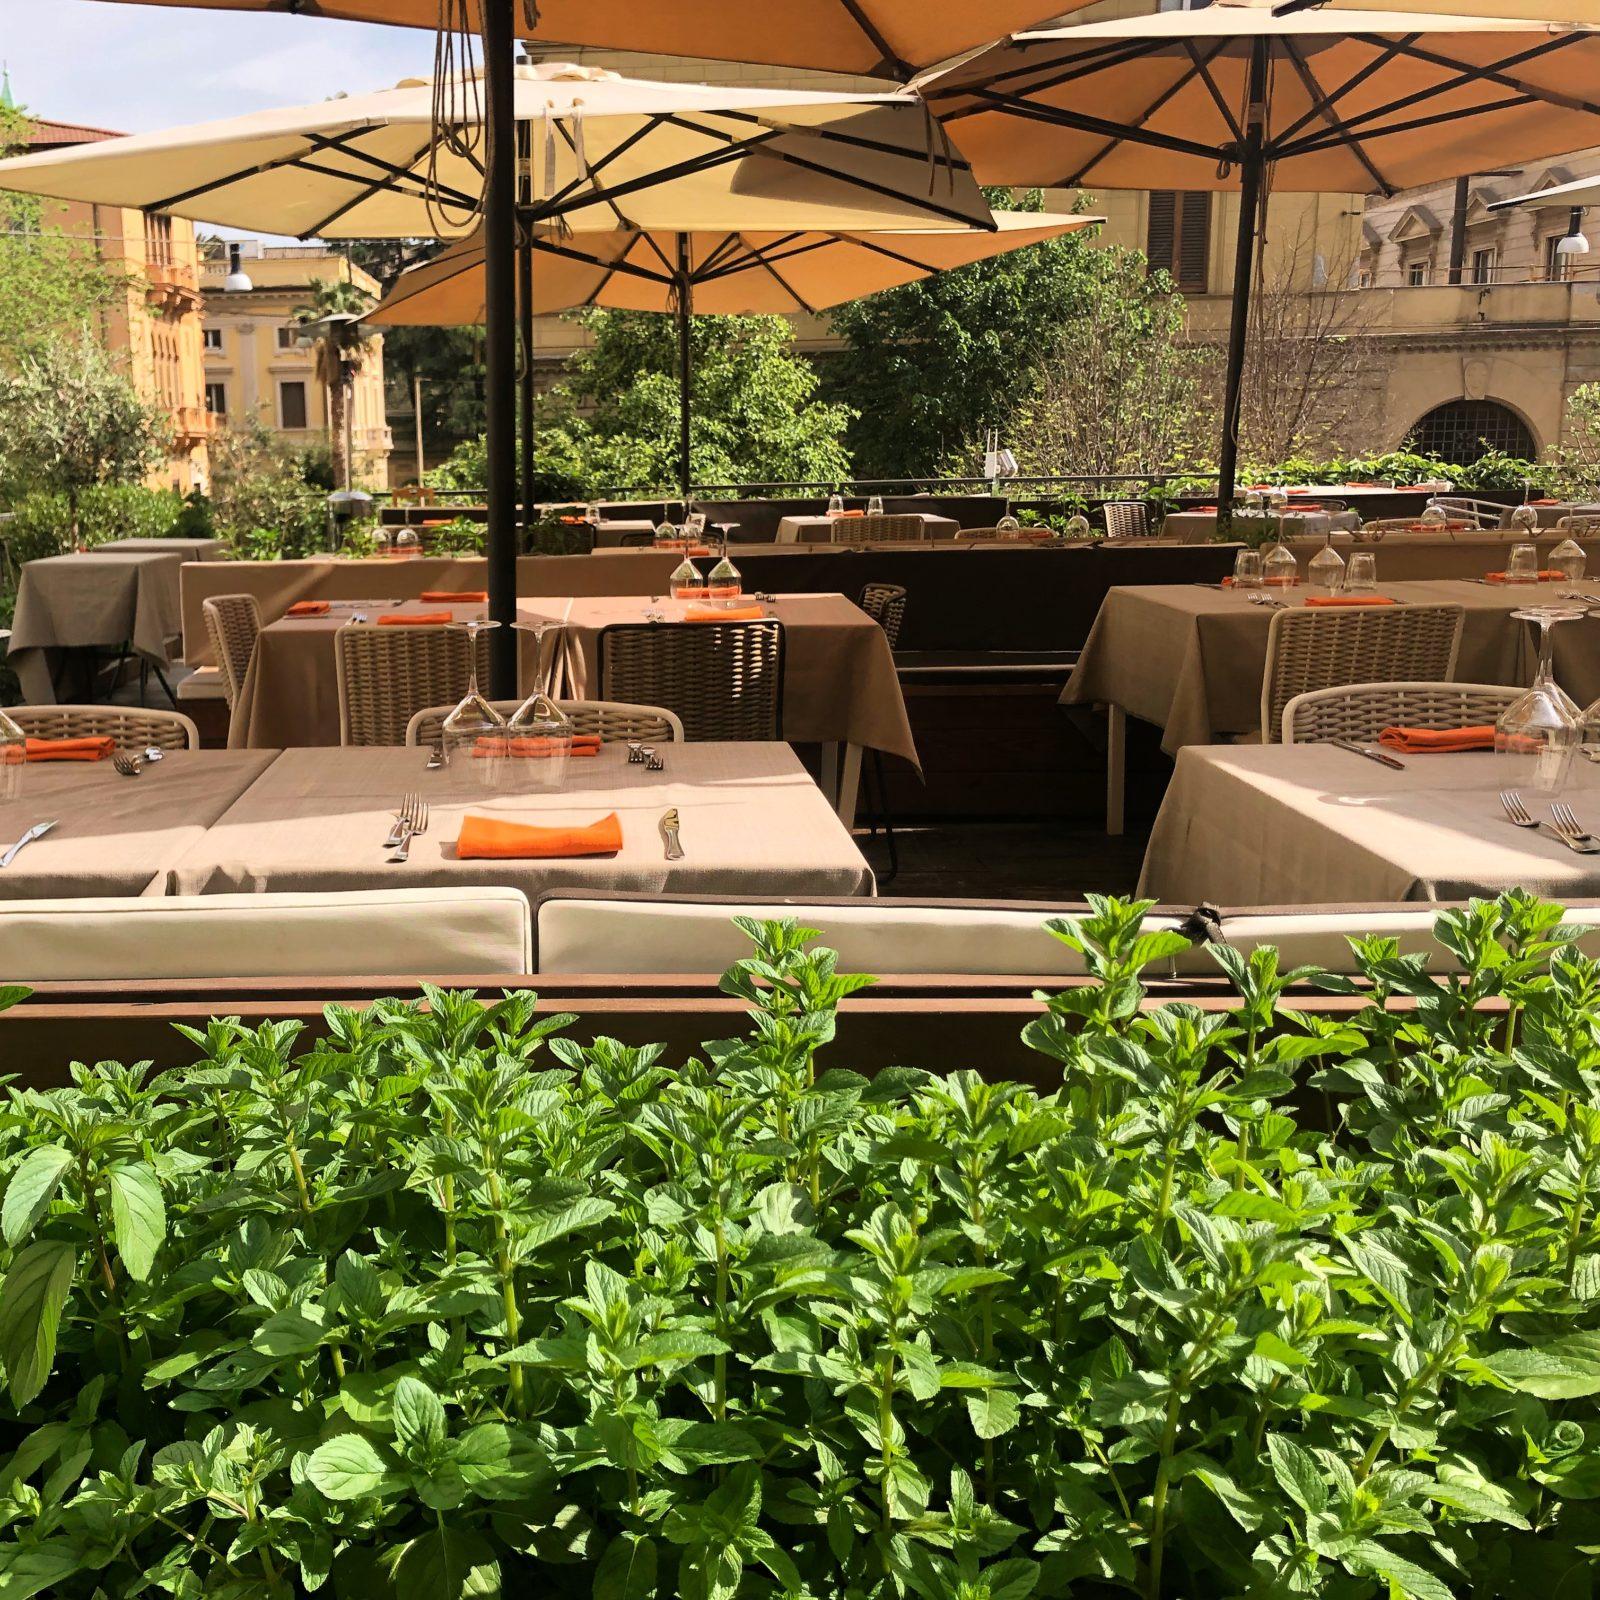 Terrazza Fiore Fiore Ristorante Di Cucina Flexiteriana A Roma